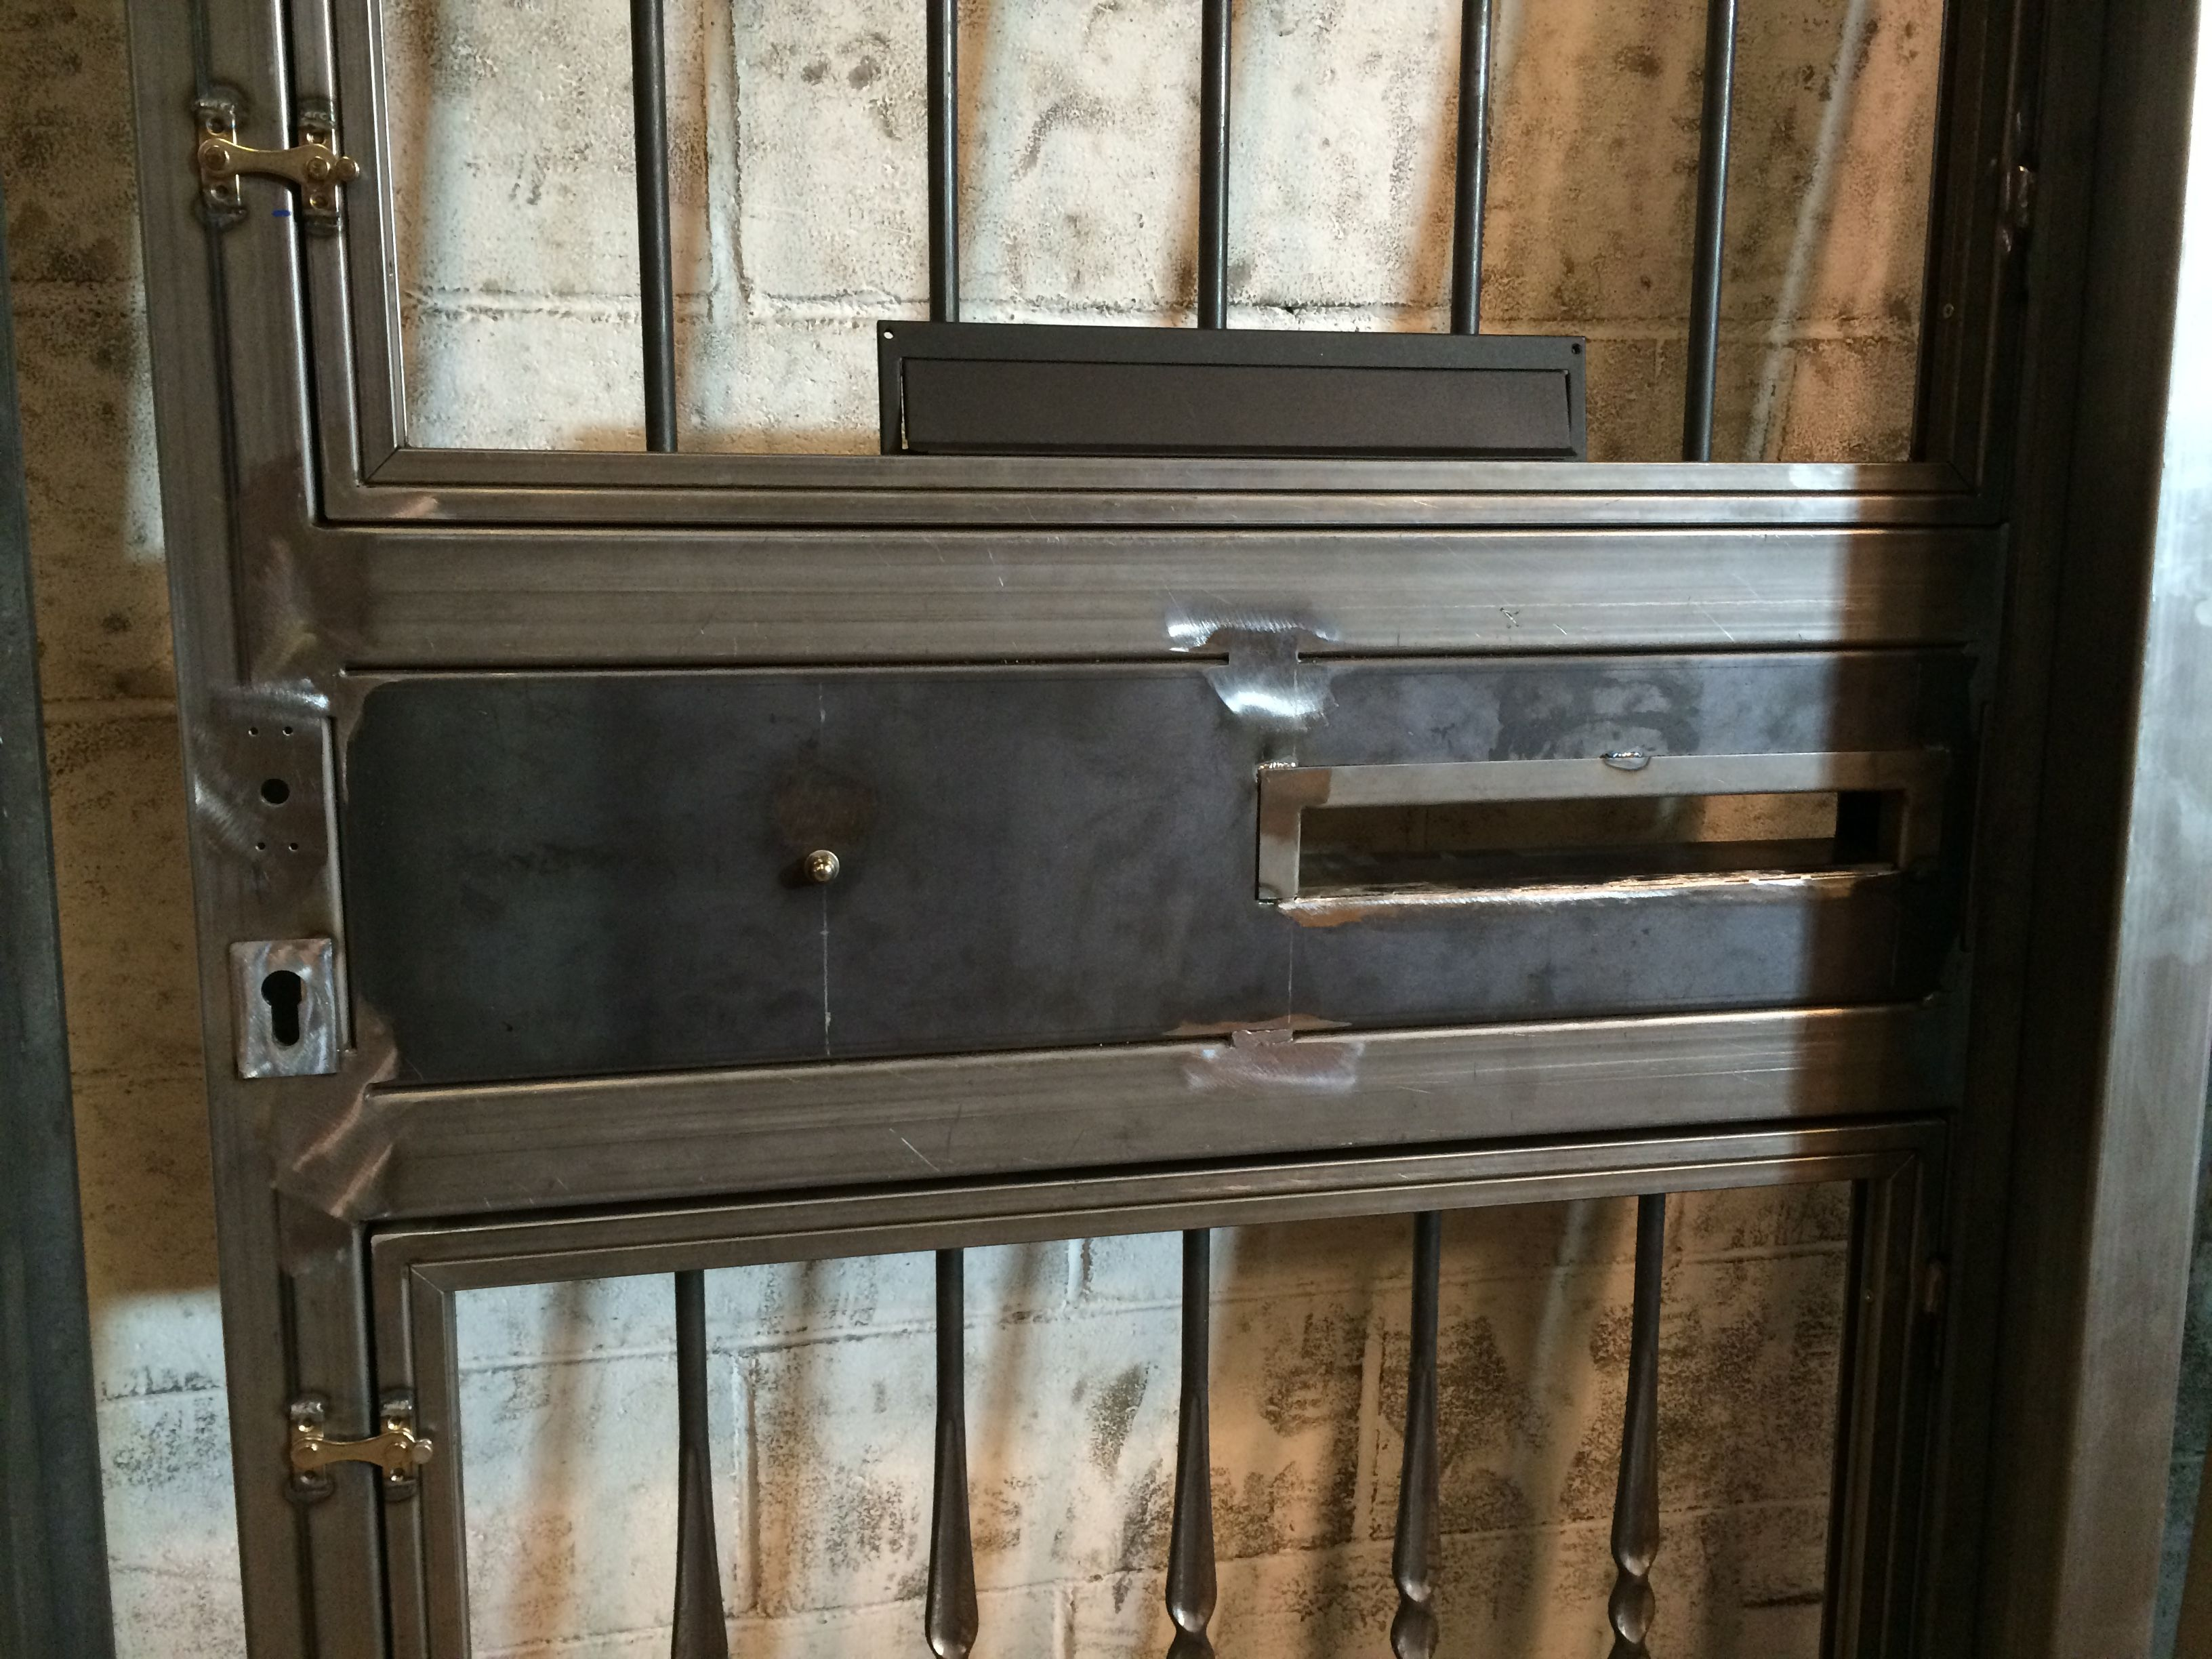 Detalle de puerta para vivienda particular, preparada para pintar, detalle de buzón y apertura de hojas superior e inferior para limpiar los cristales